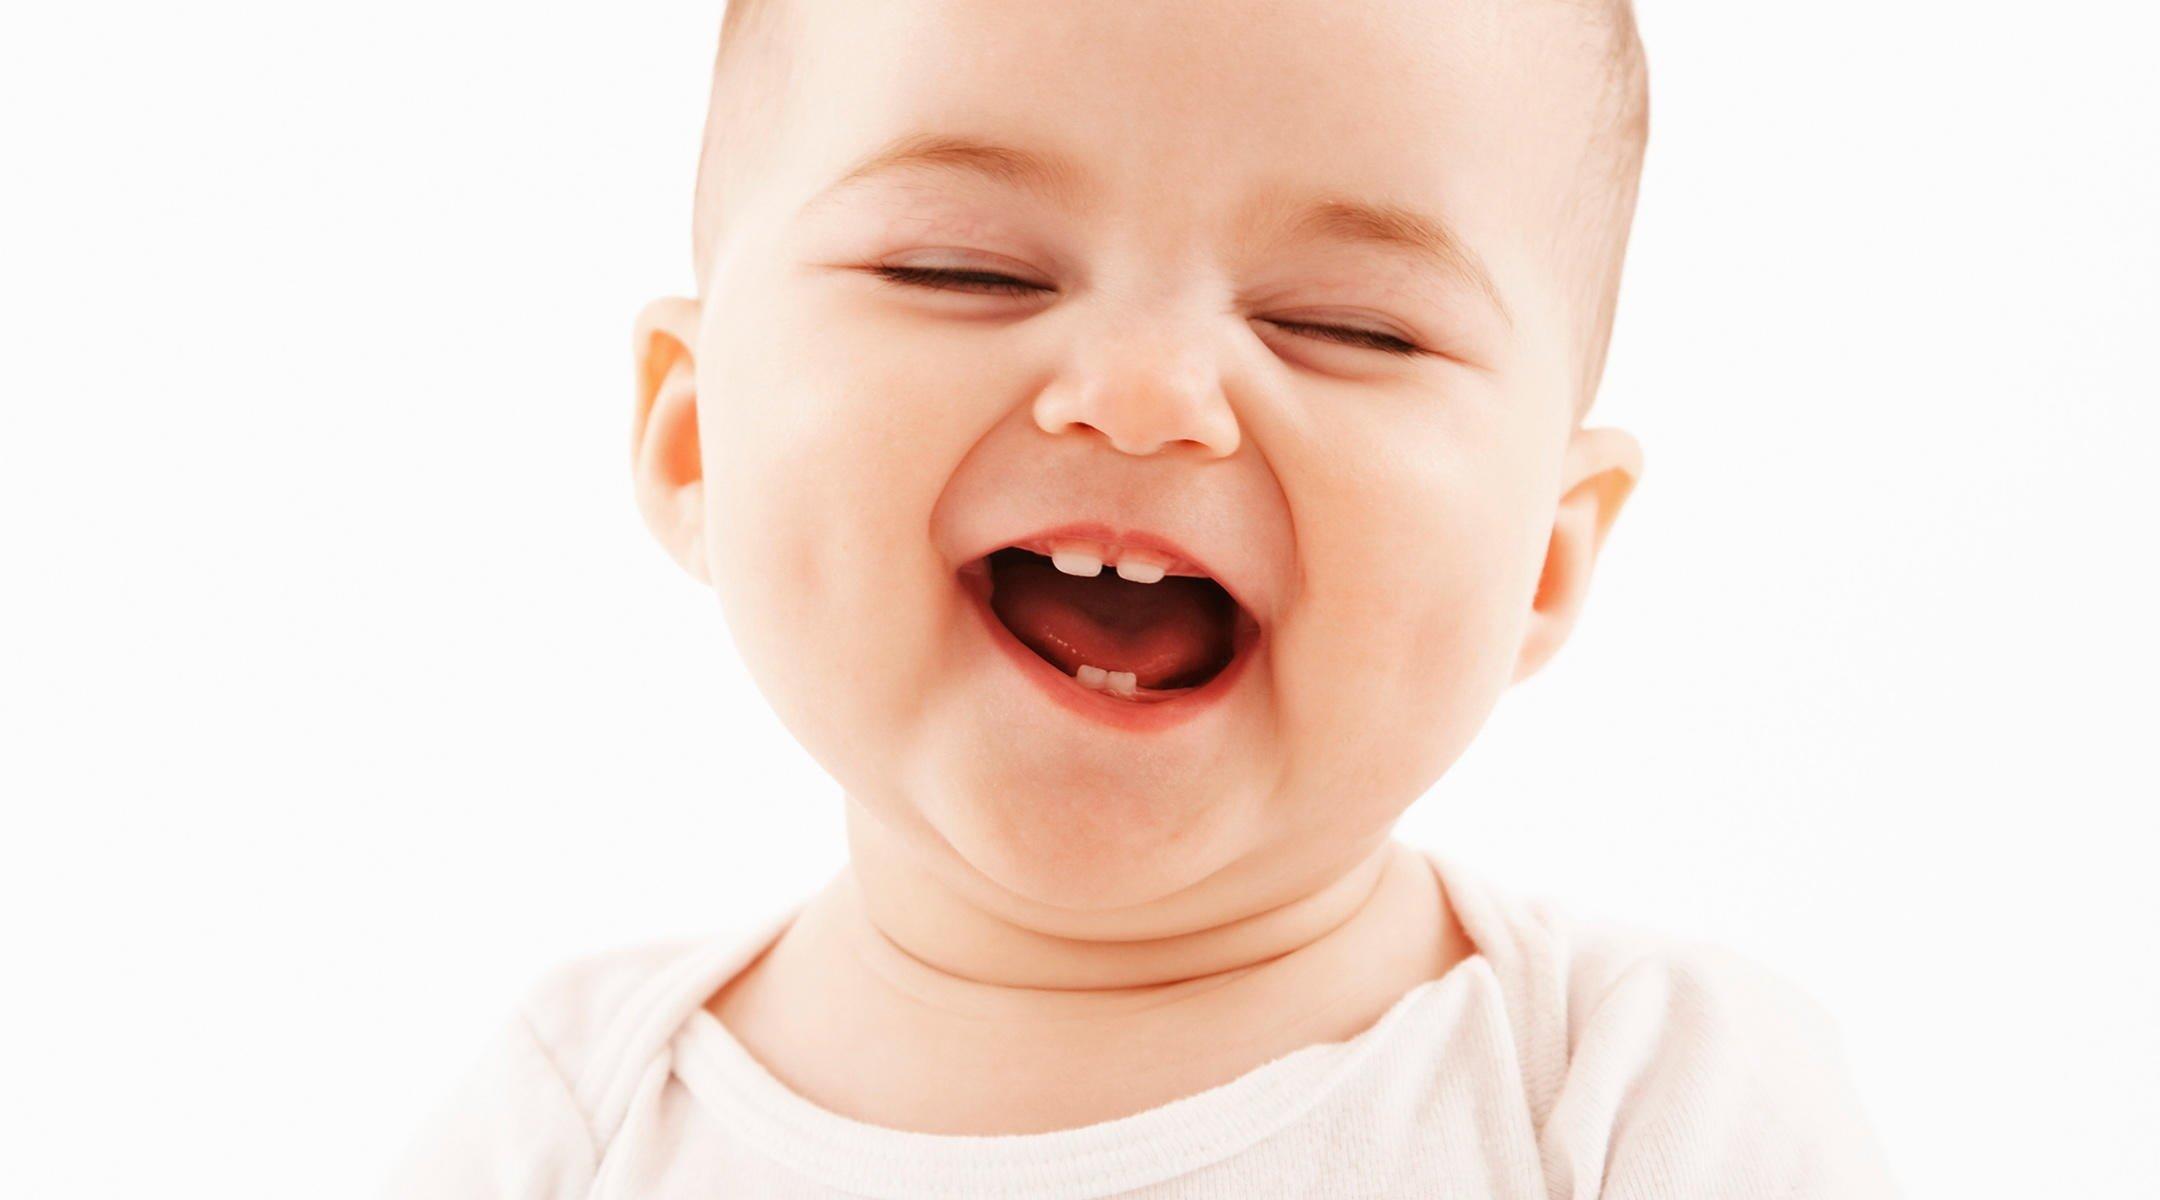 Признаки прорезывания зубов у грудничка 4 месяца - чем помочь малышу?